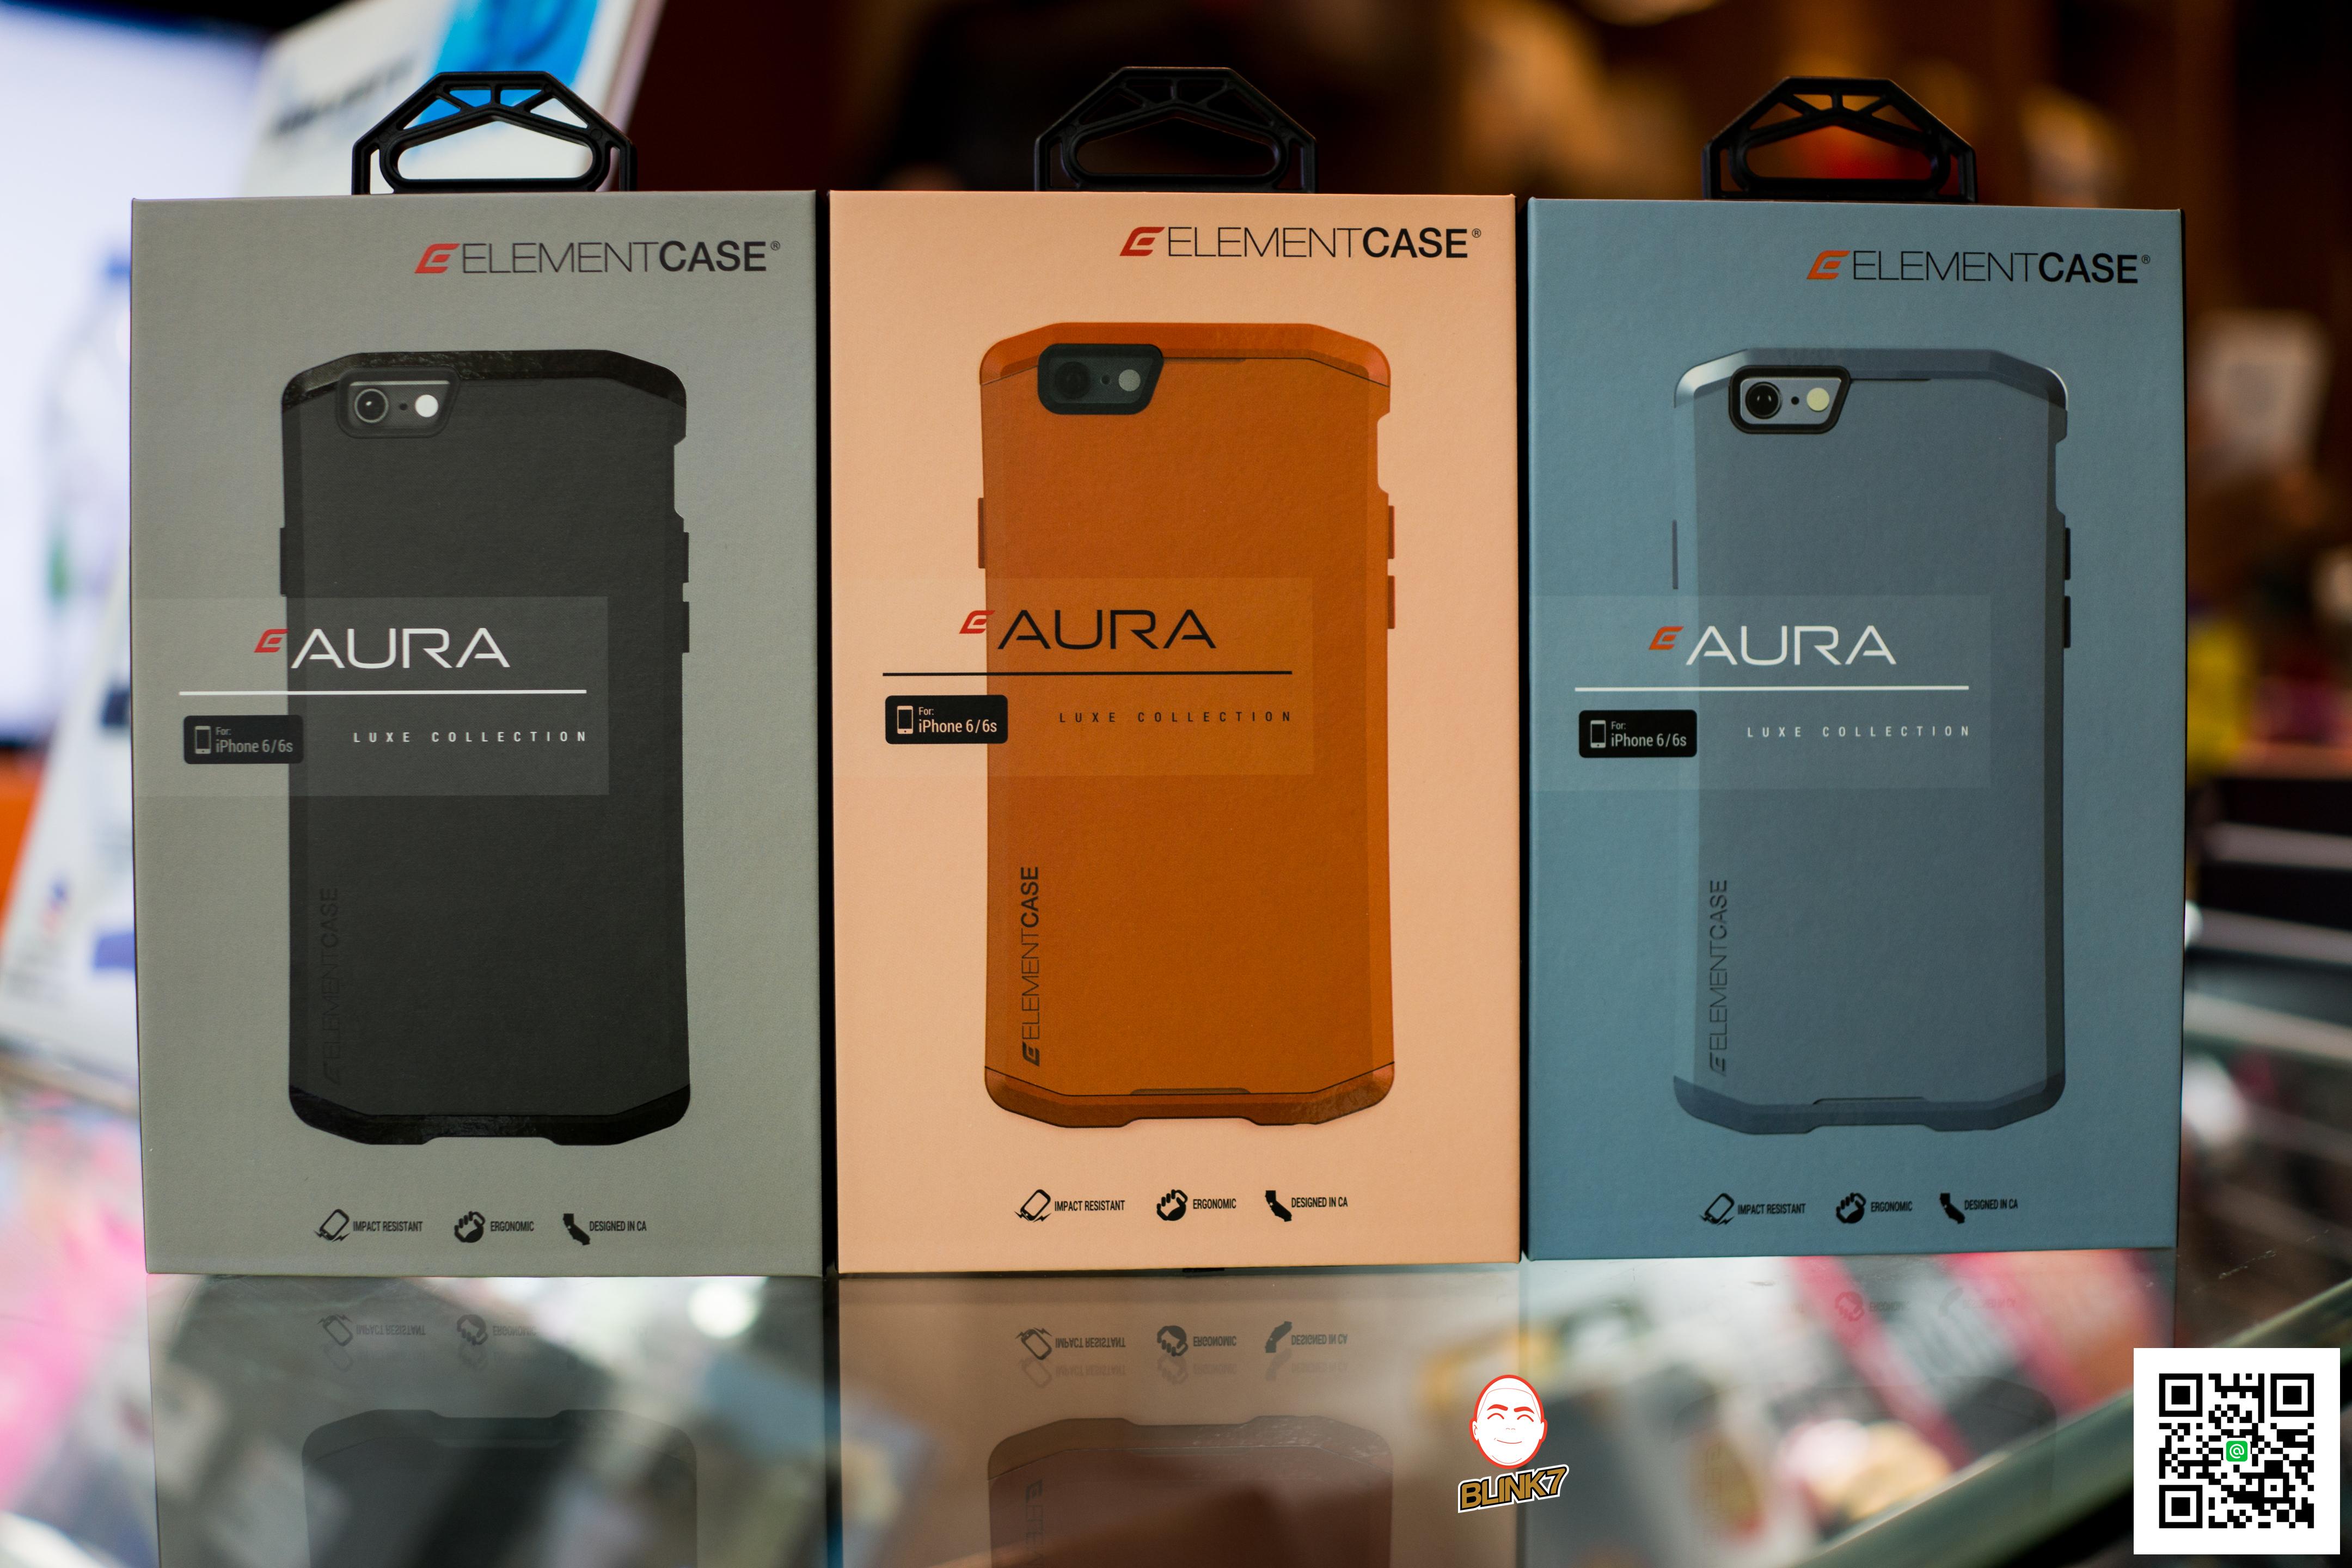 รีวิว Element Case Aura iPhone6 / 6s / 6 Plus / 6s Plus